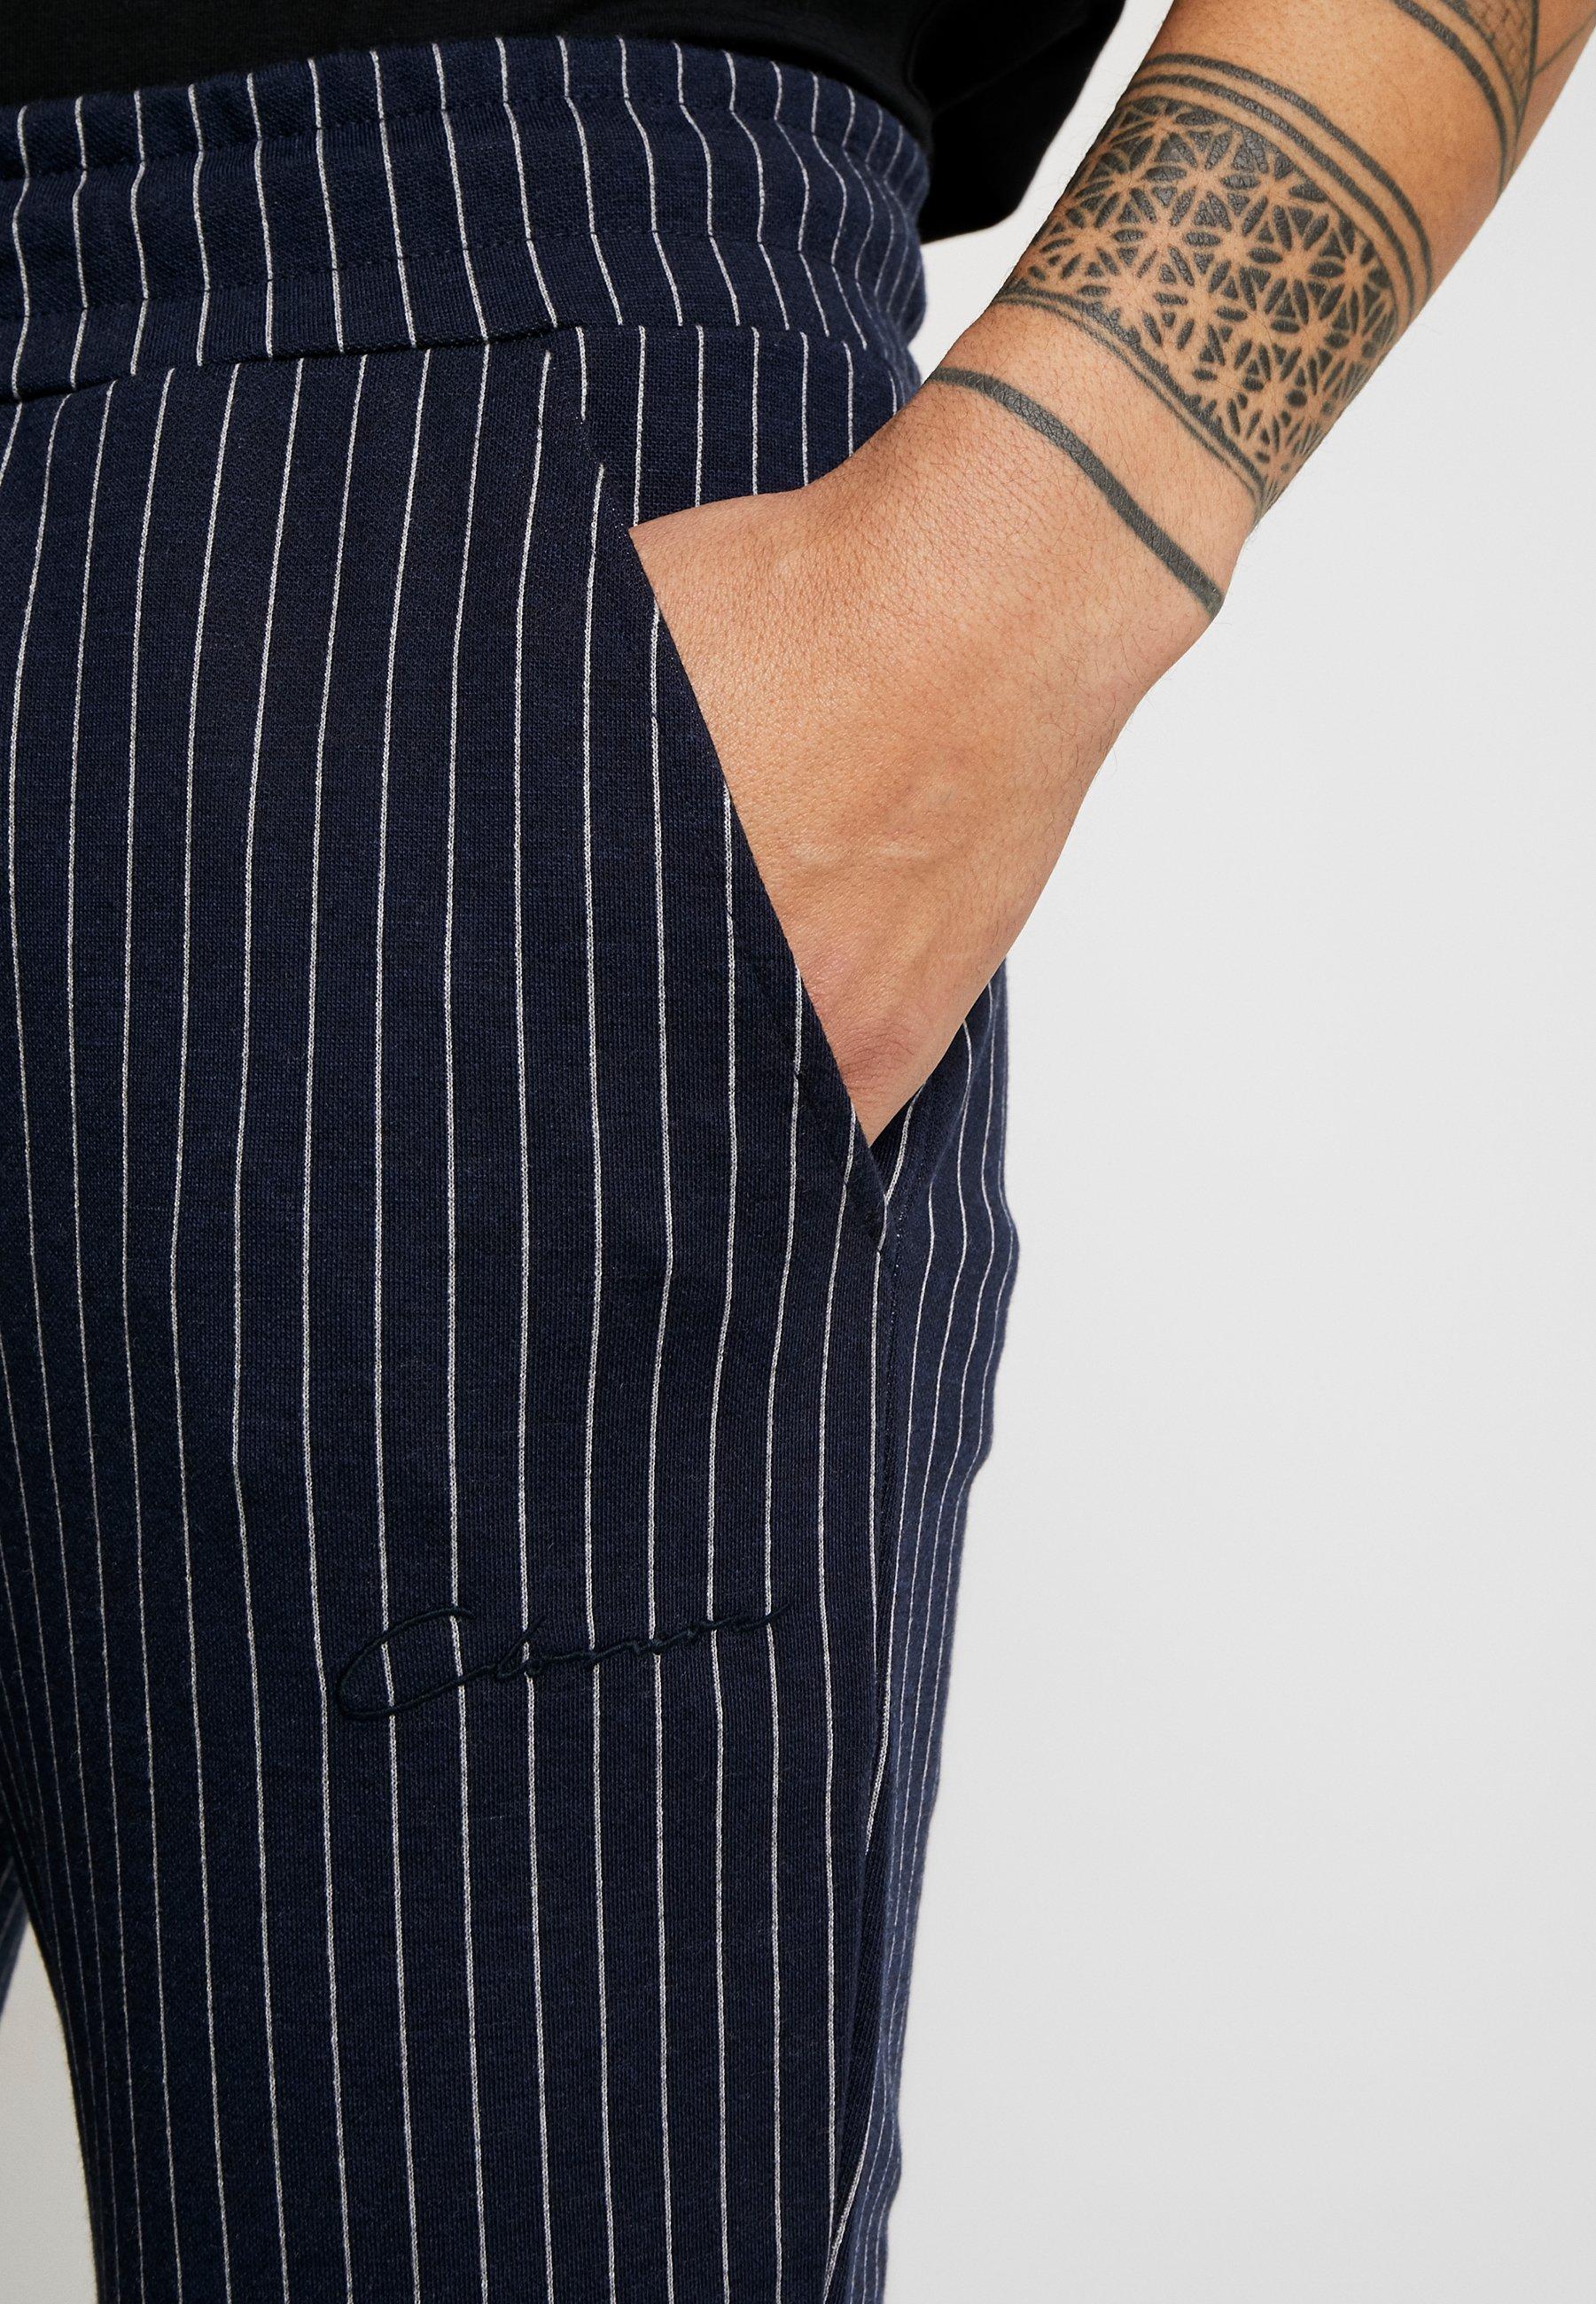 Closure London Pin Stripe - Joggebukse Navy/mørkeblå